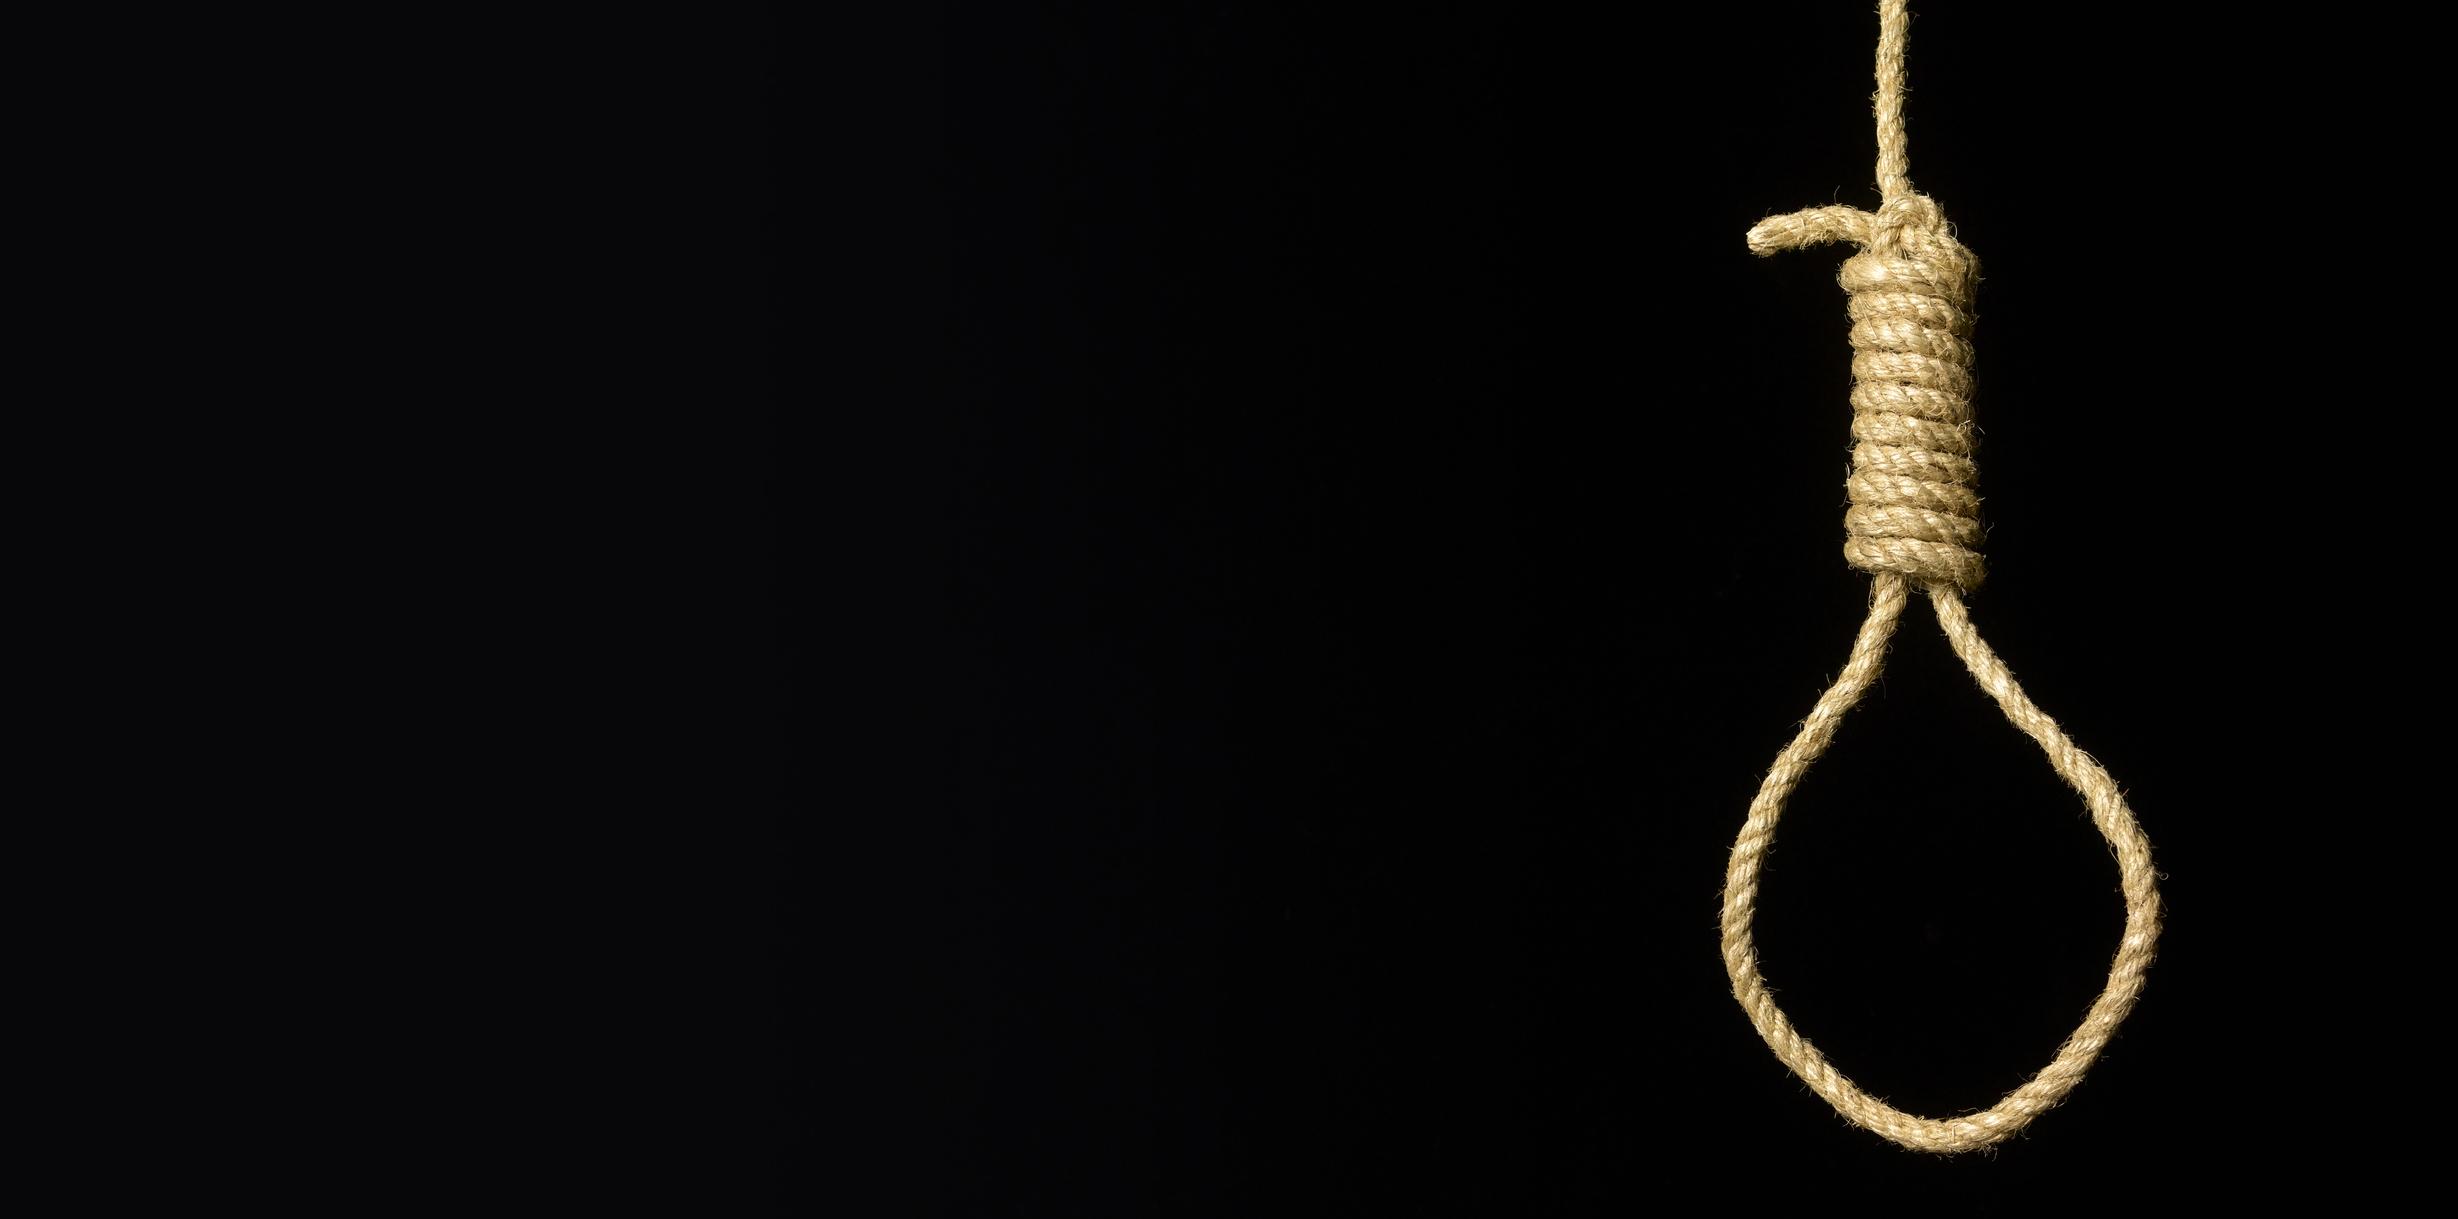 Où pratique-t-on encore la peine de mort dans le monde ? - Ça m'intéresse